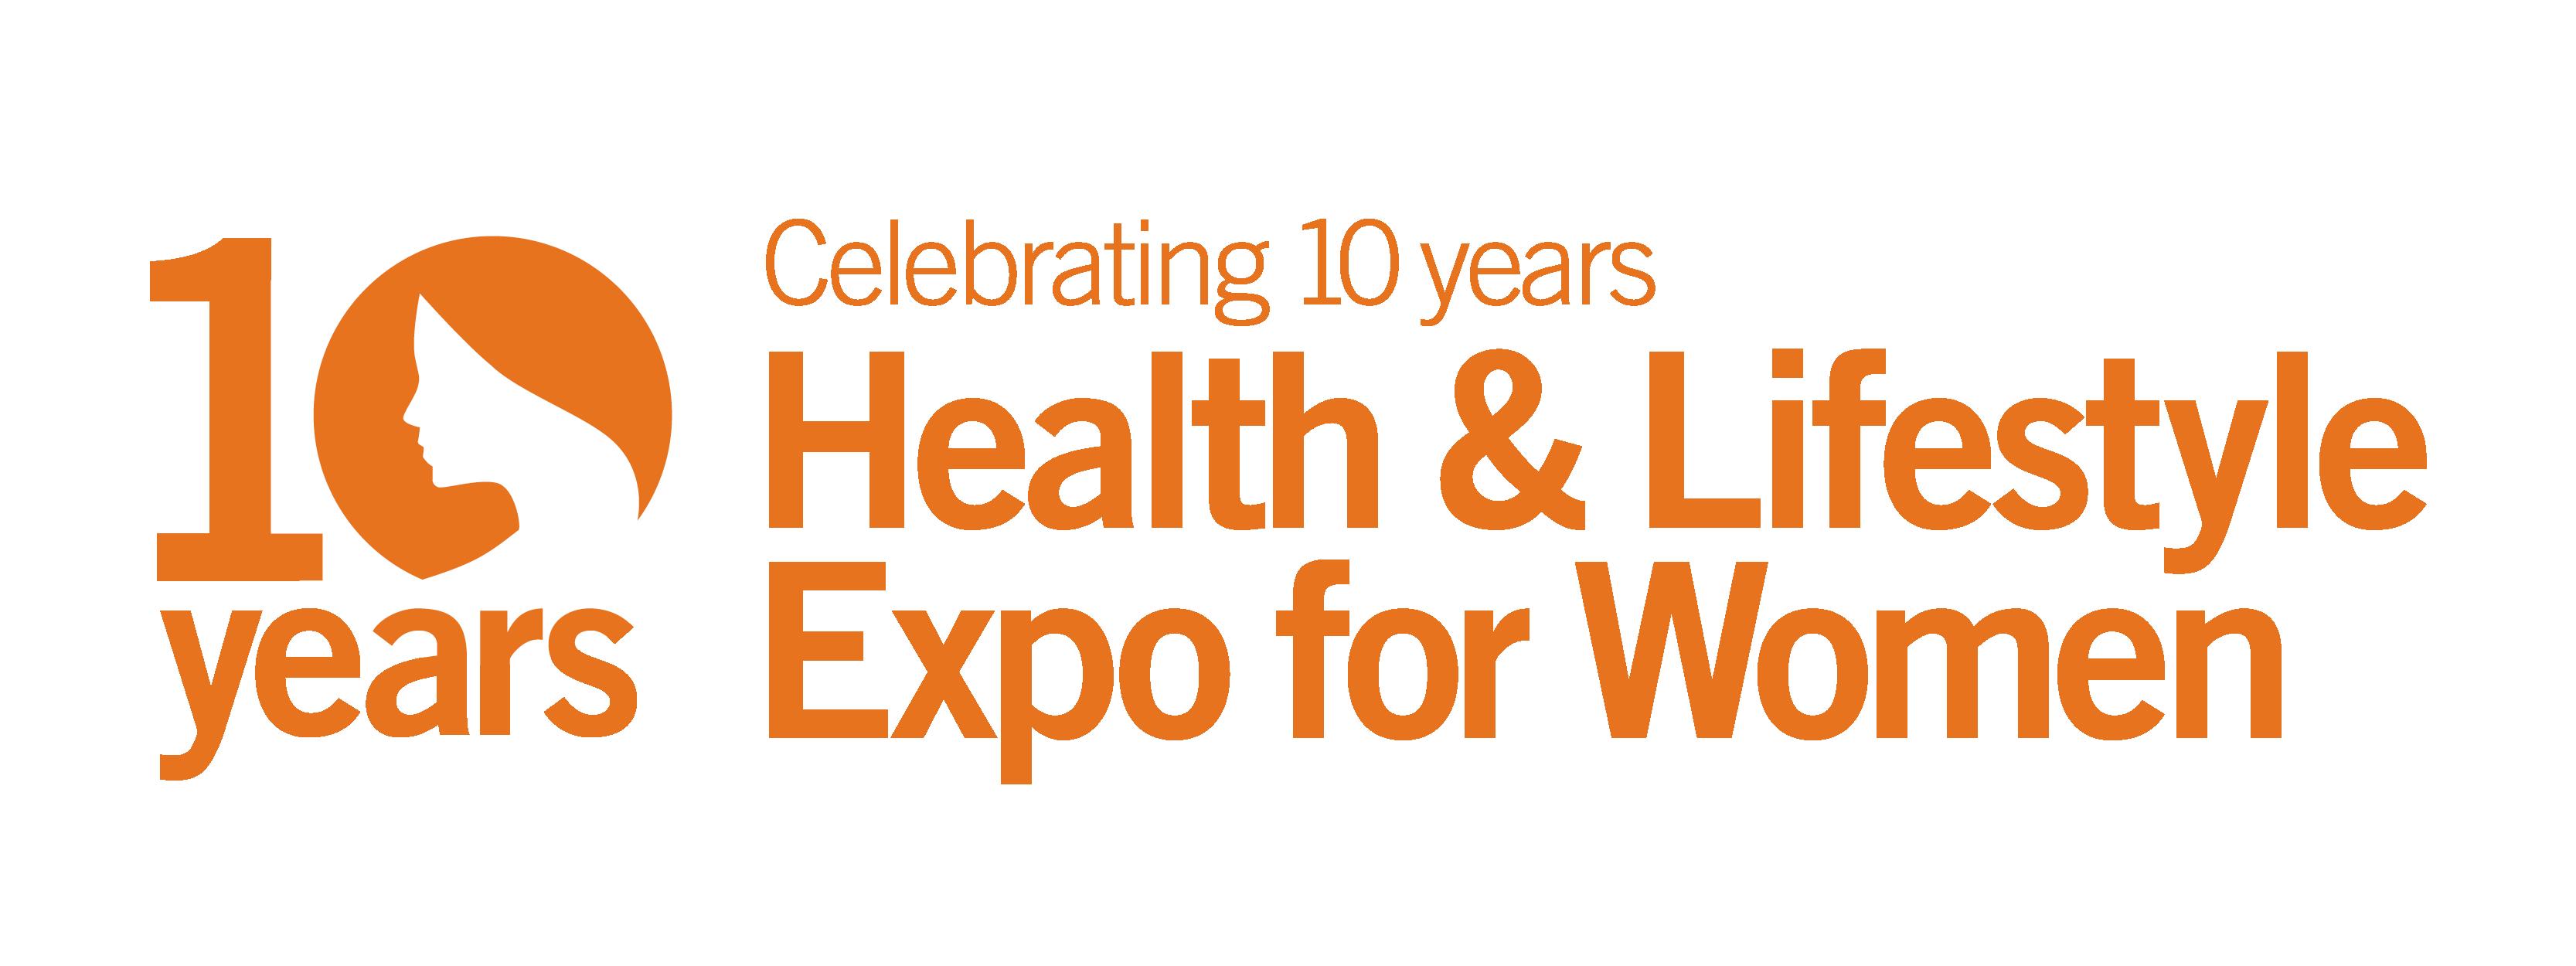 Dignity-Health-Womens-Expo-2018-Header